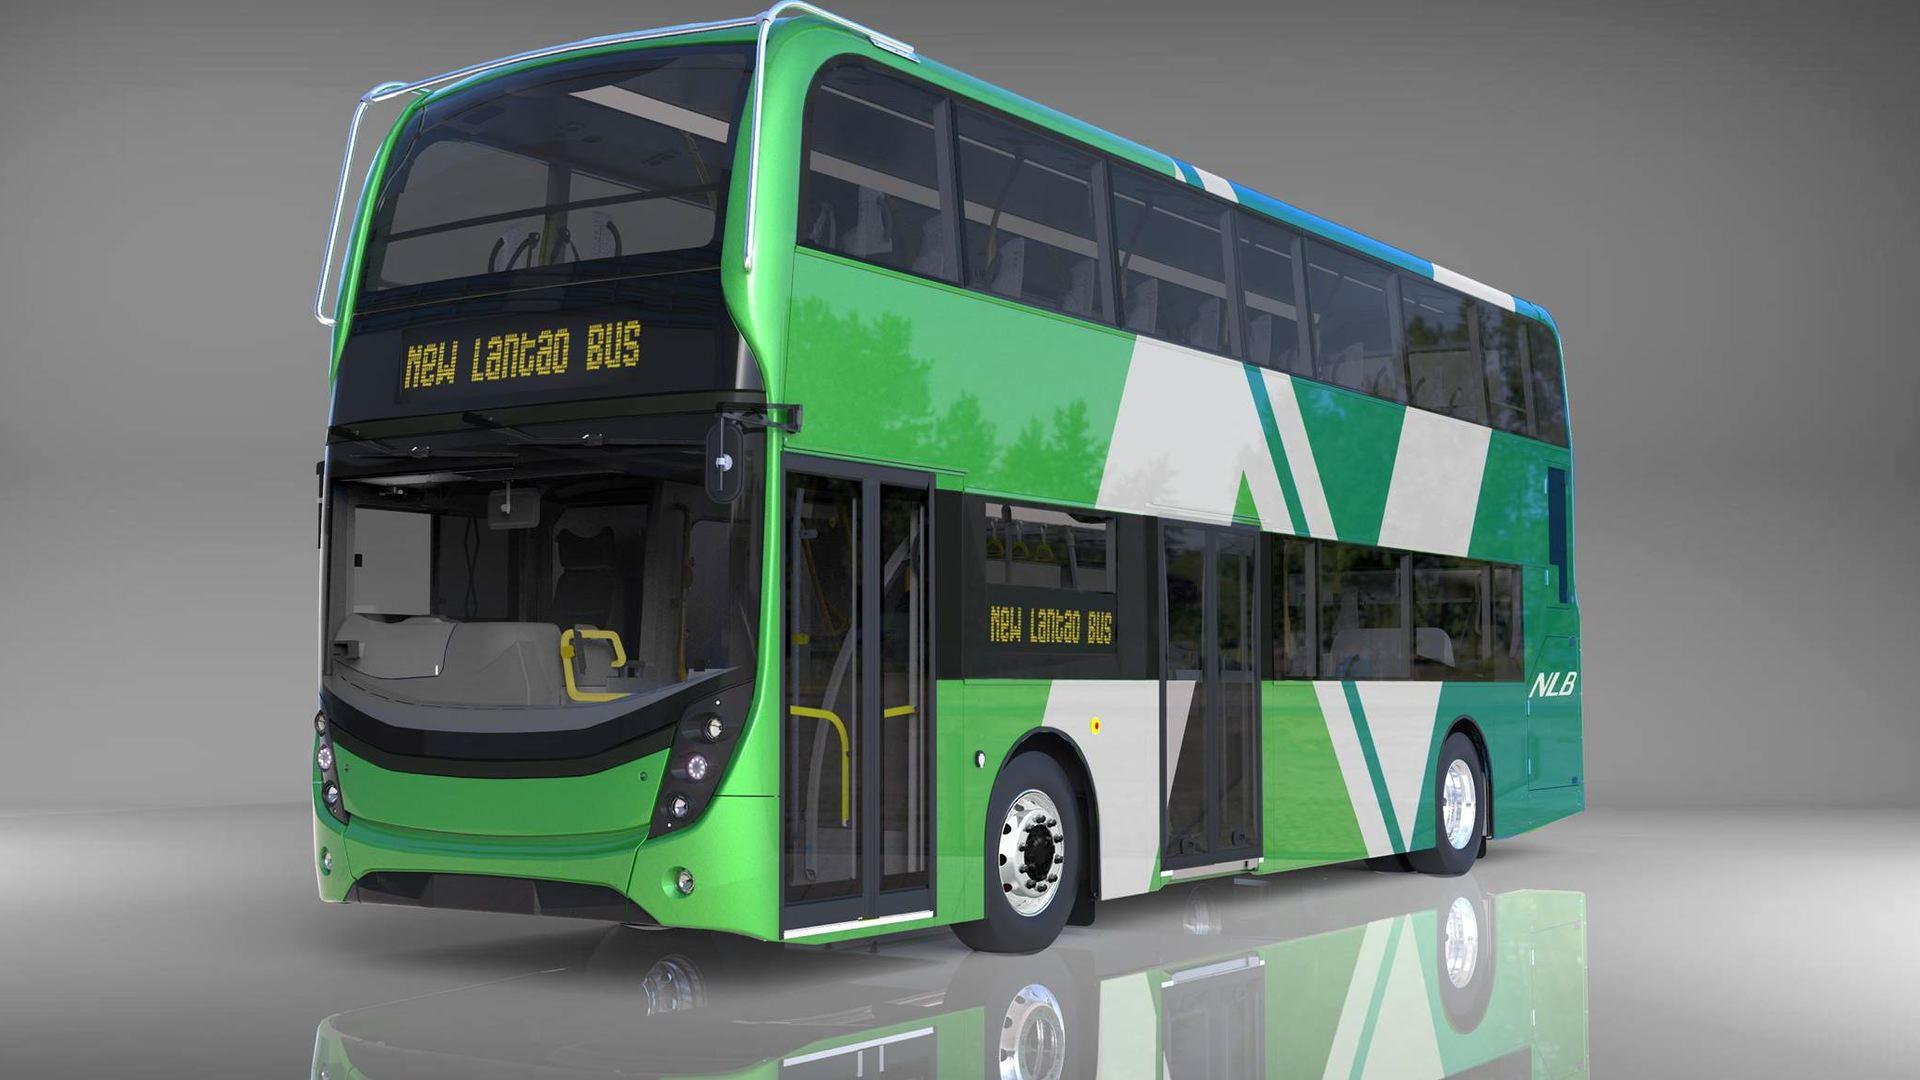 【經緯線本周提要】雙層巴士首行東涌道安全惹關注